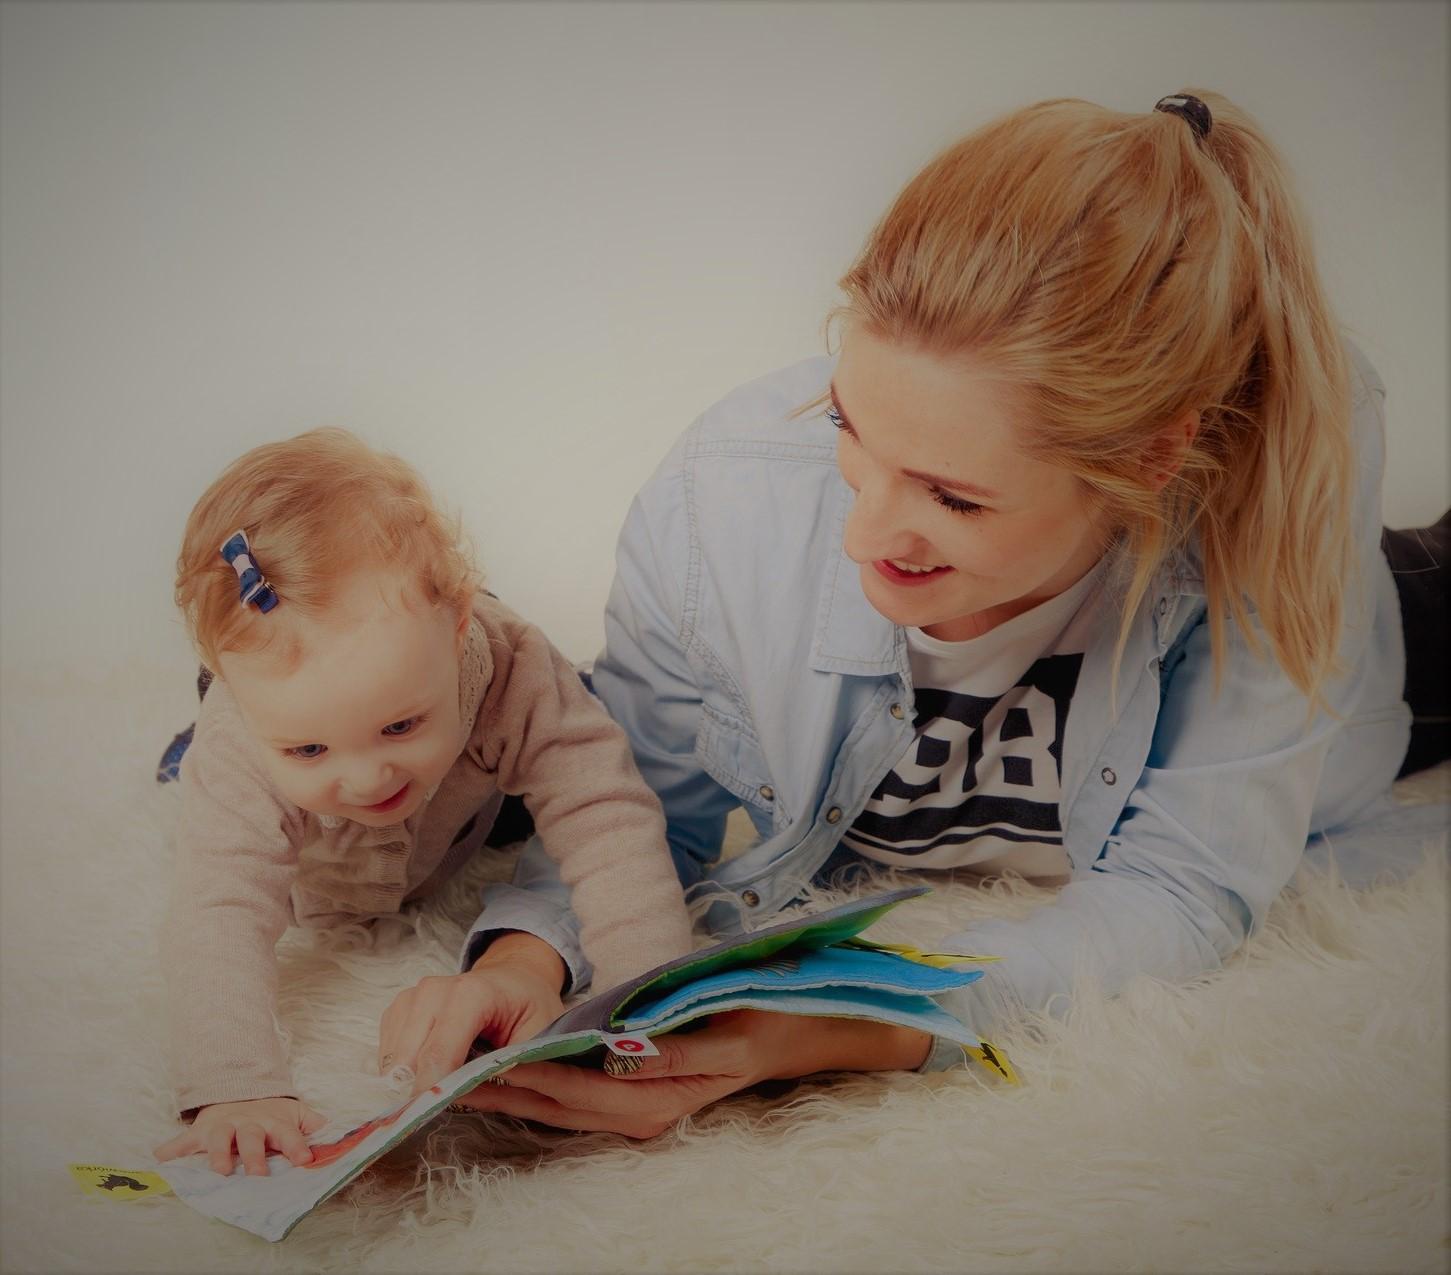 mère et son enfant en train de lire un livre allongés